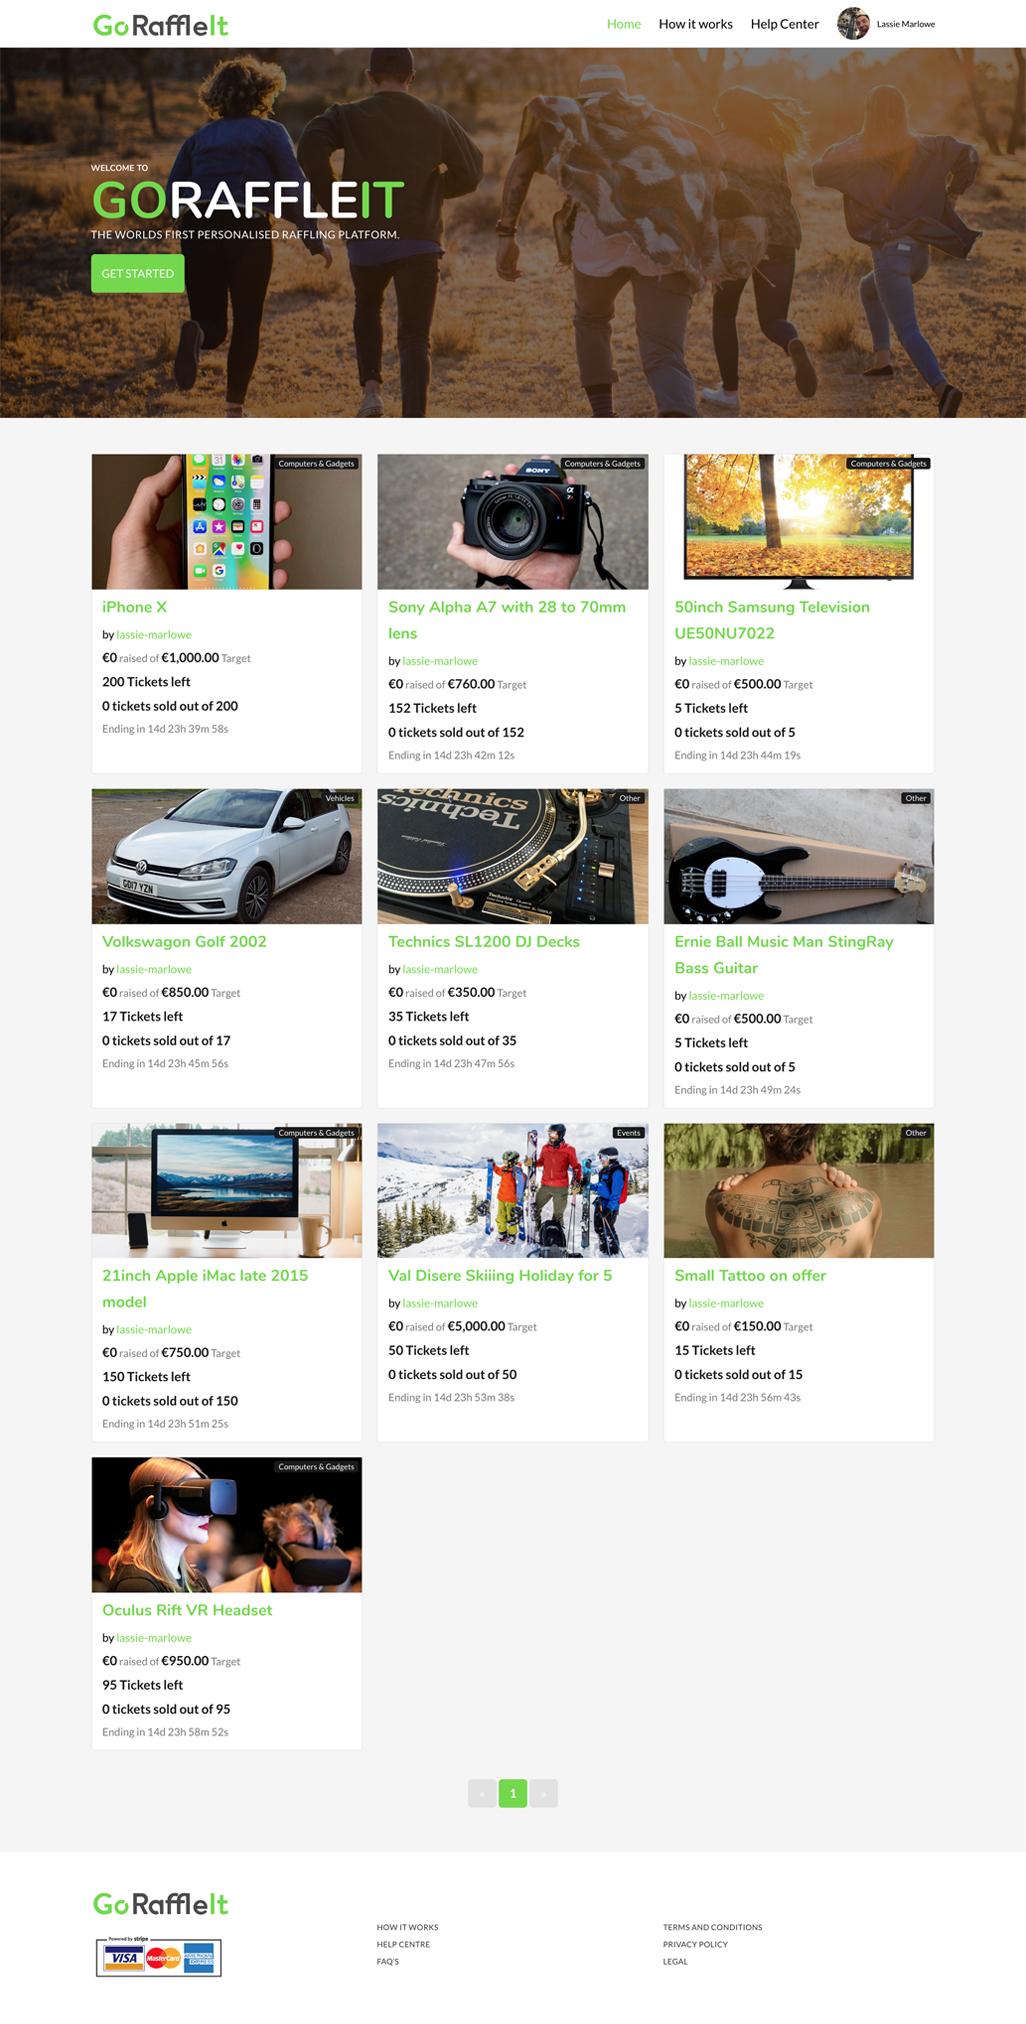 Project: GoRaffleIt.com